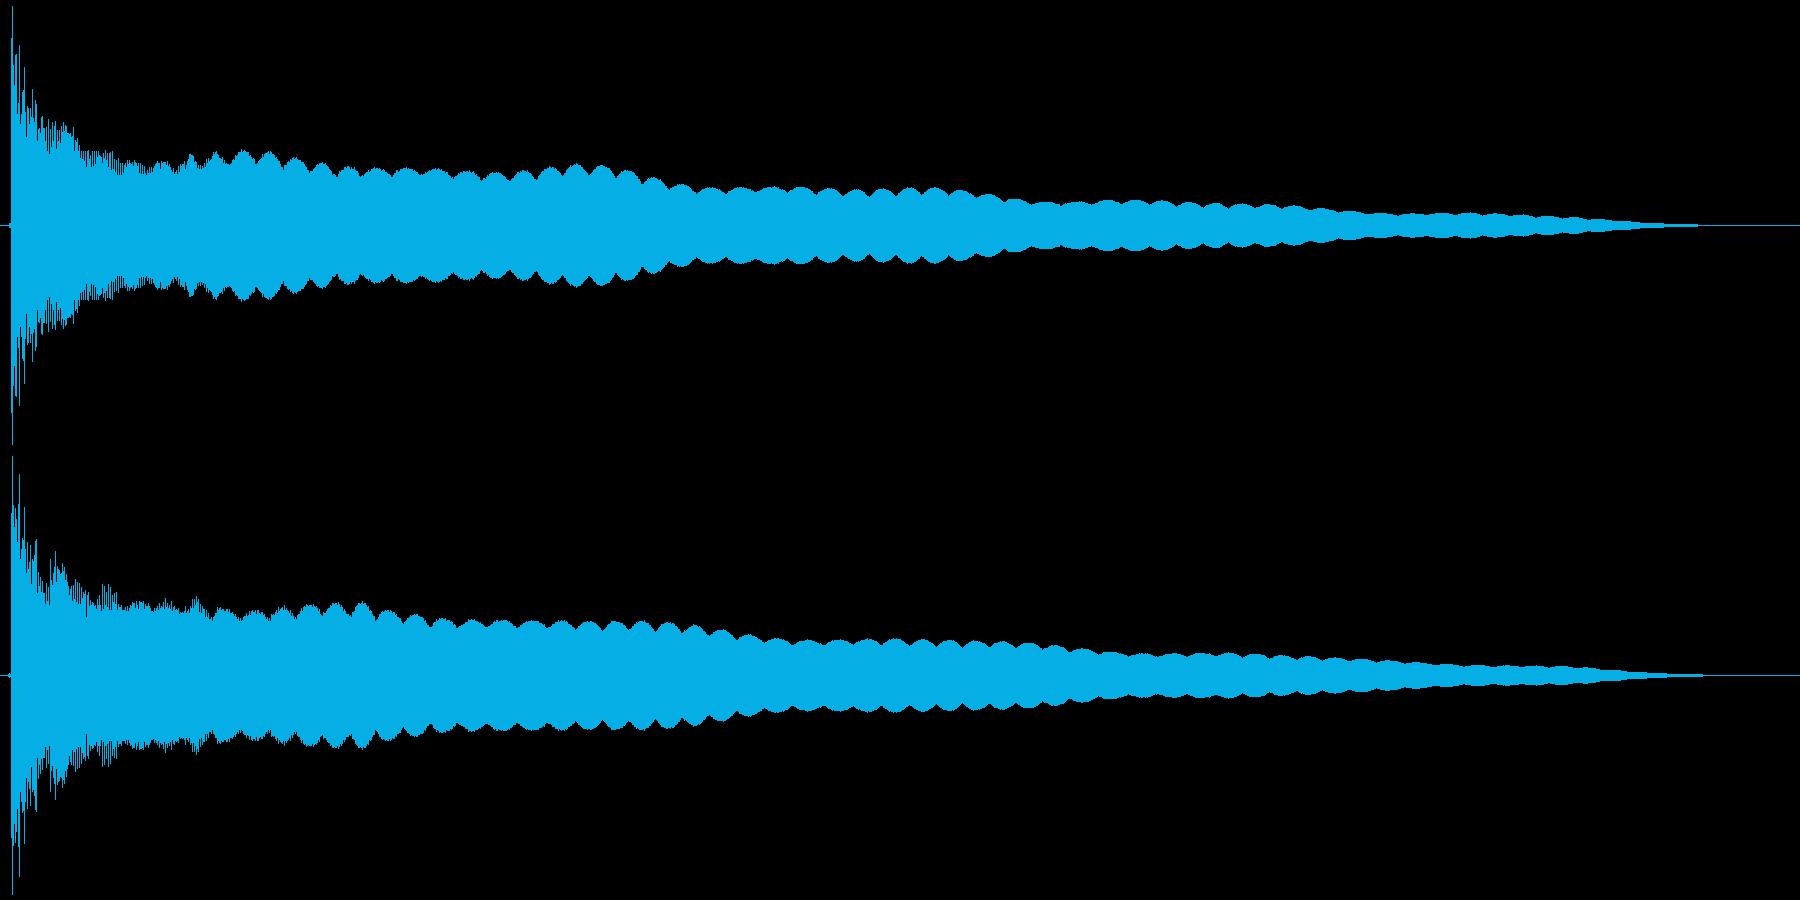 コーン  仏具の鐘、お鈴の再生済みの波形